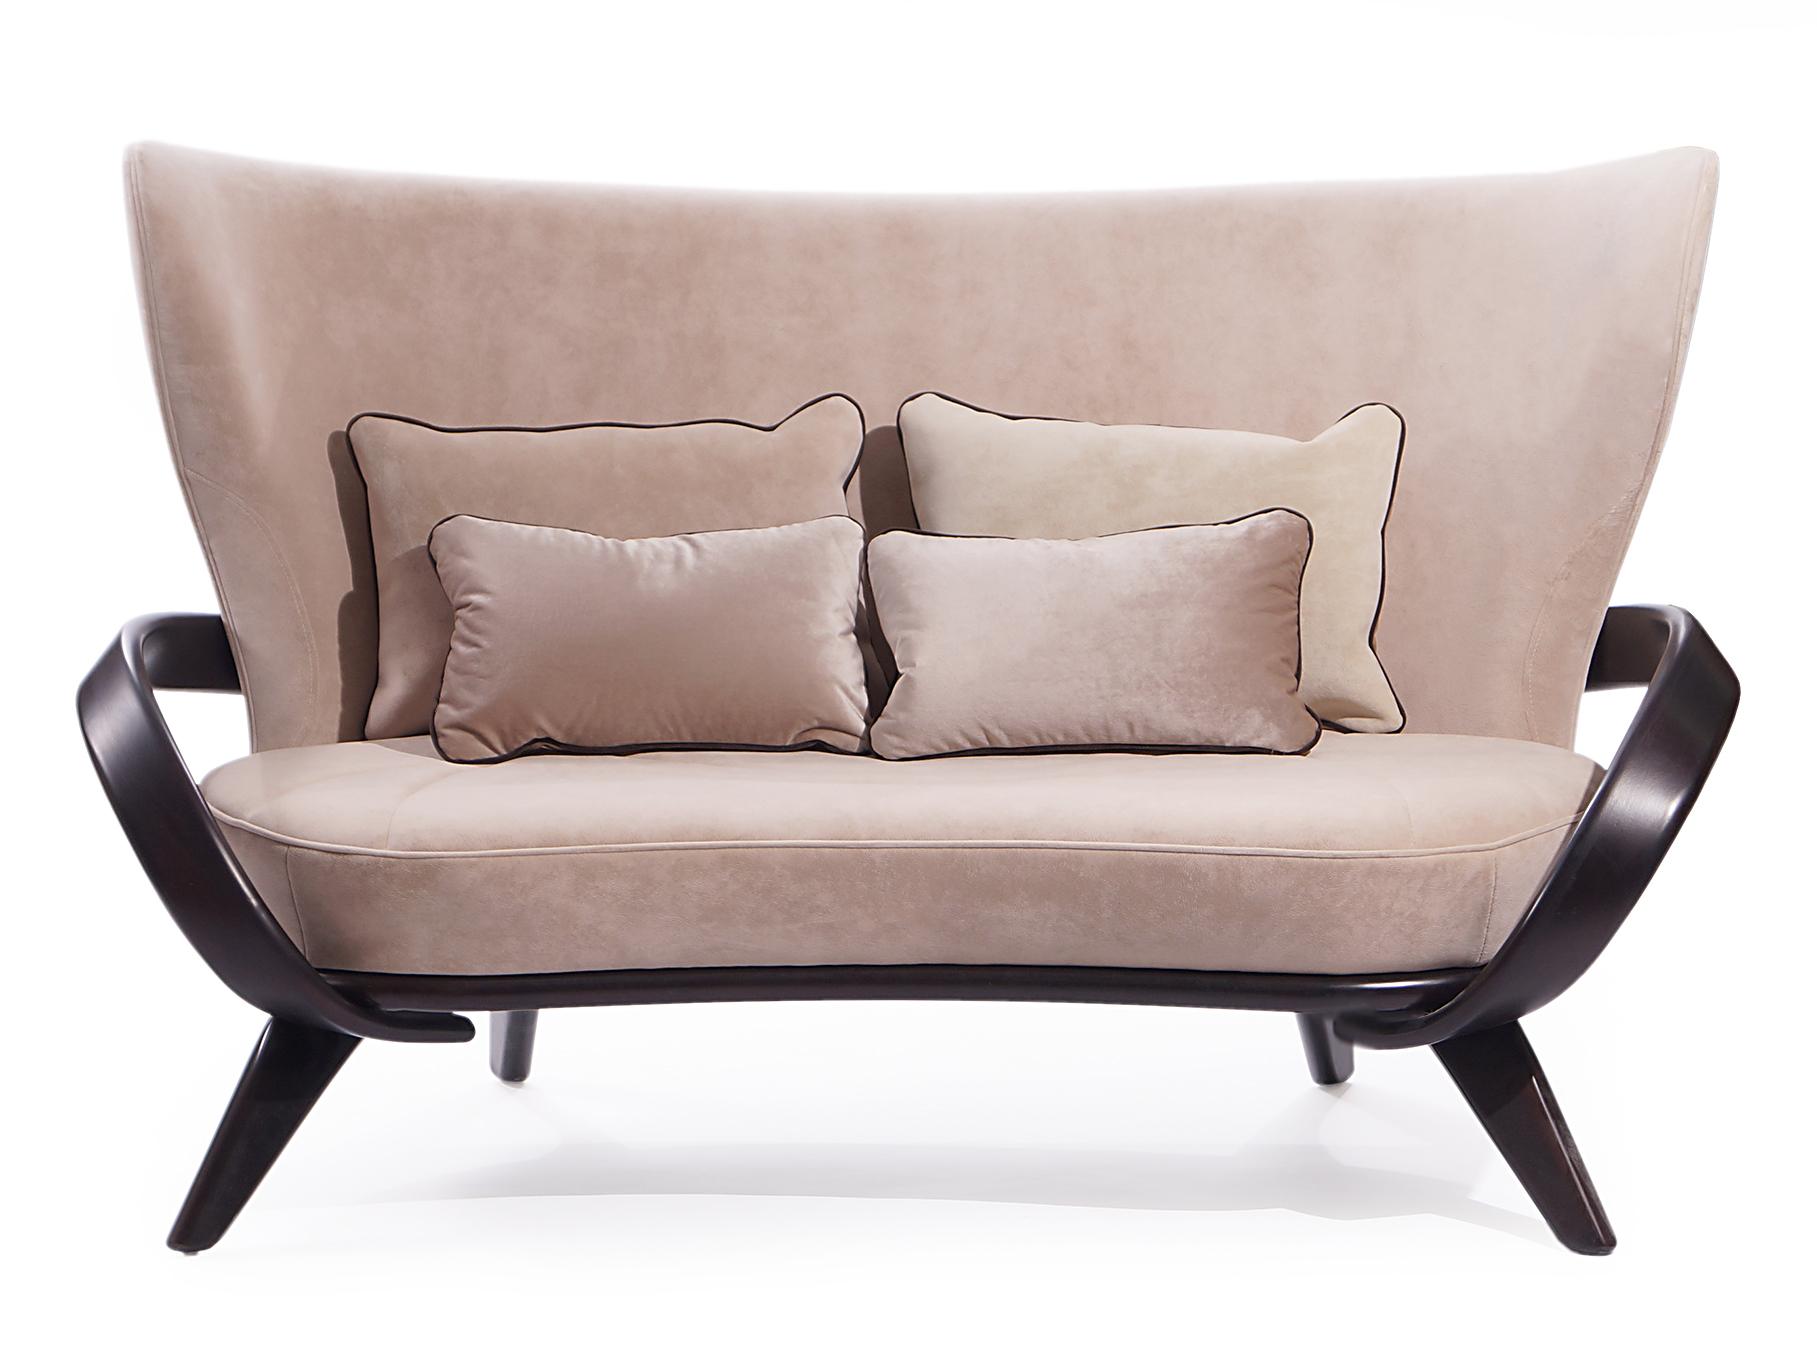 Диван Apriori SДвухместные диваны<br>&amp;lt;div&amp;gt;Небольшой диванчик из симметричной серии с изящными подлокотниками из натурального дерева. Есть модификации увеличенных размеров.&amp;amp;nbsp;&amp;lt;/div&amp;gt;&amp;lt;div&amp;gt;&amp;lt;br&amp;gt;&amp;lt;/div&amp;gt;&amp;lt;div&amp;gt;Материал: натуральное дерево береза, 10 вариантов тонировок.&amp;amp;nbsp;&amp;lt;/div&amp;gt;&amp;lt;div&amp;gt;Обивка: износостойкая ткань коллекции sensation (6 оттенков).&amp;lt;/div&amp;gt;<br><br>Material: Текстиль<br>Length см: None<br>Width см: 190<br>Depth см: 85<br>Height см: 95<br>Diameter см: None